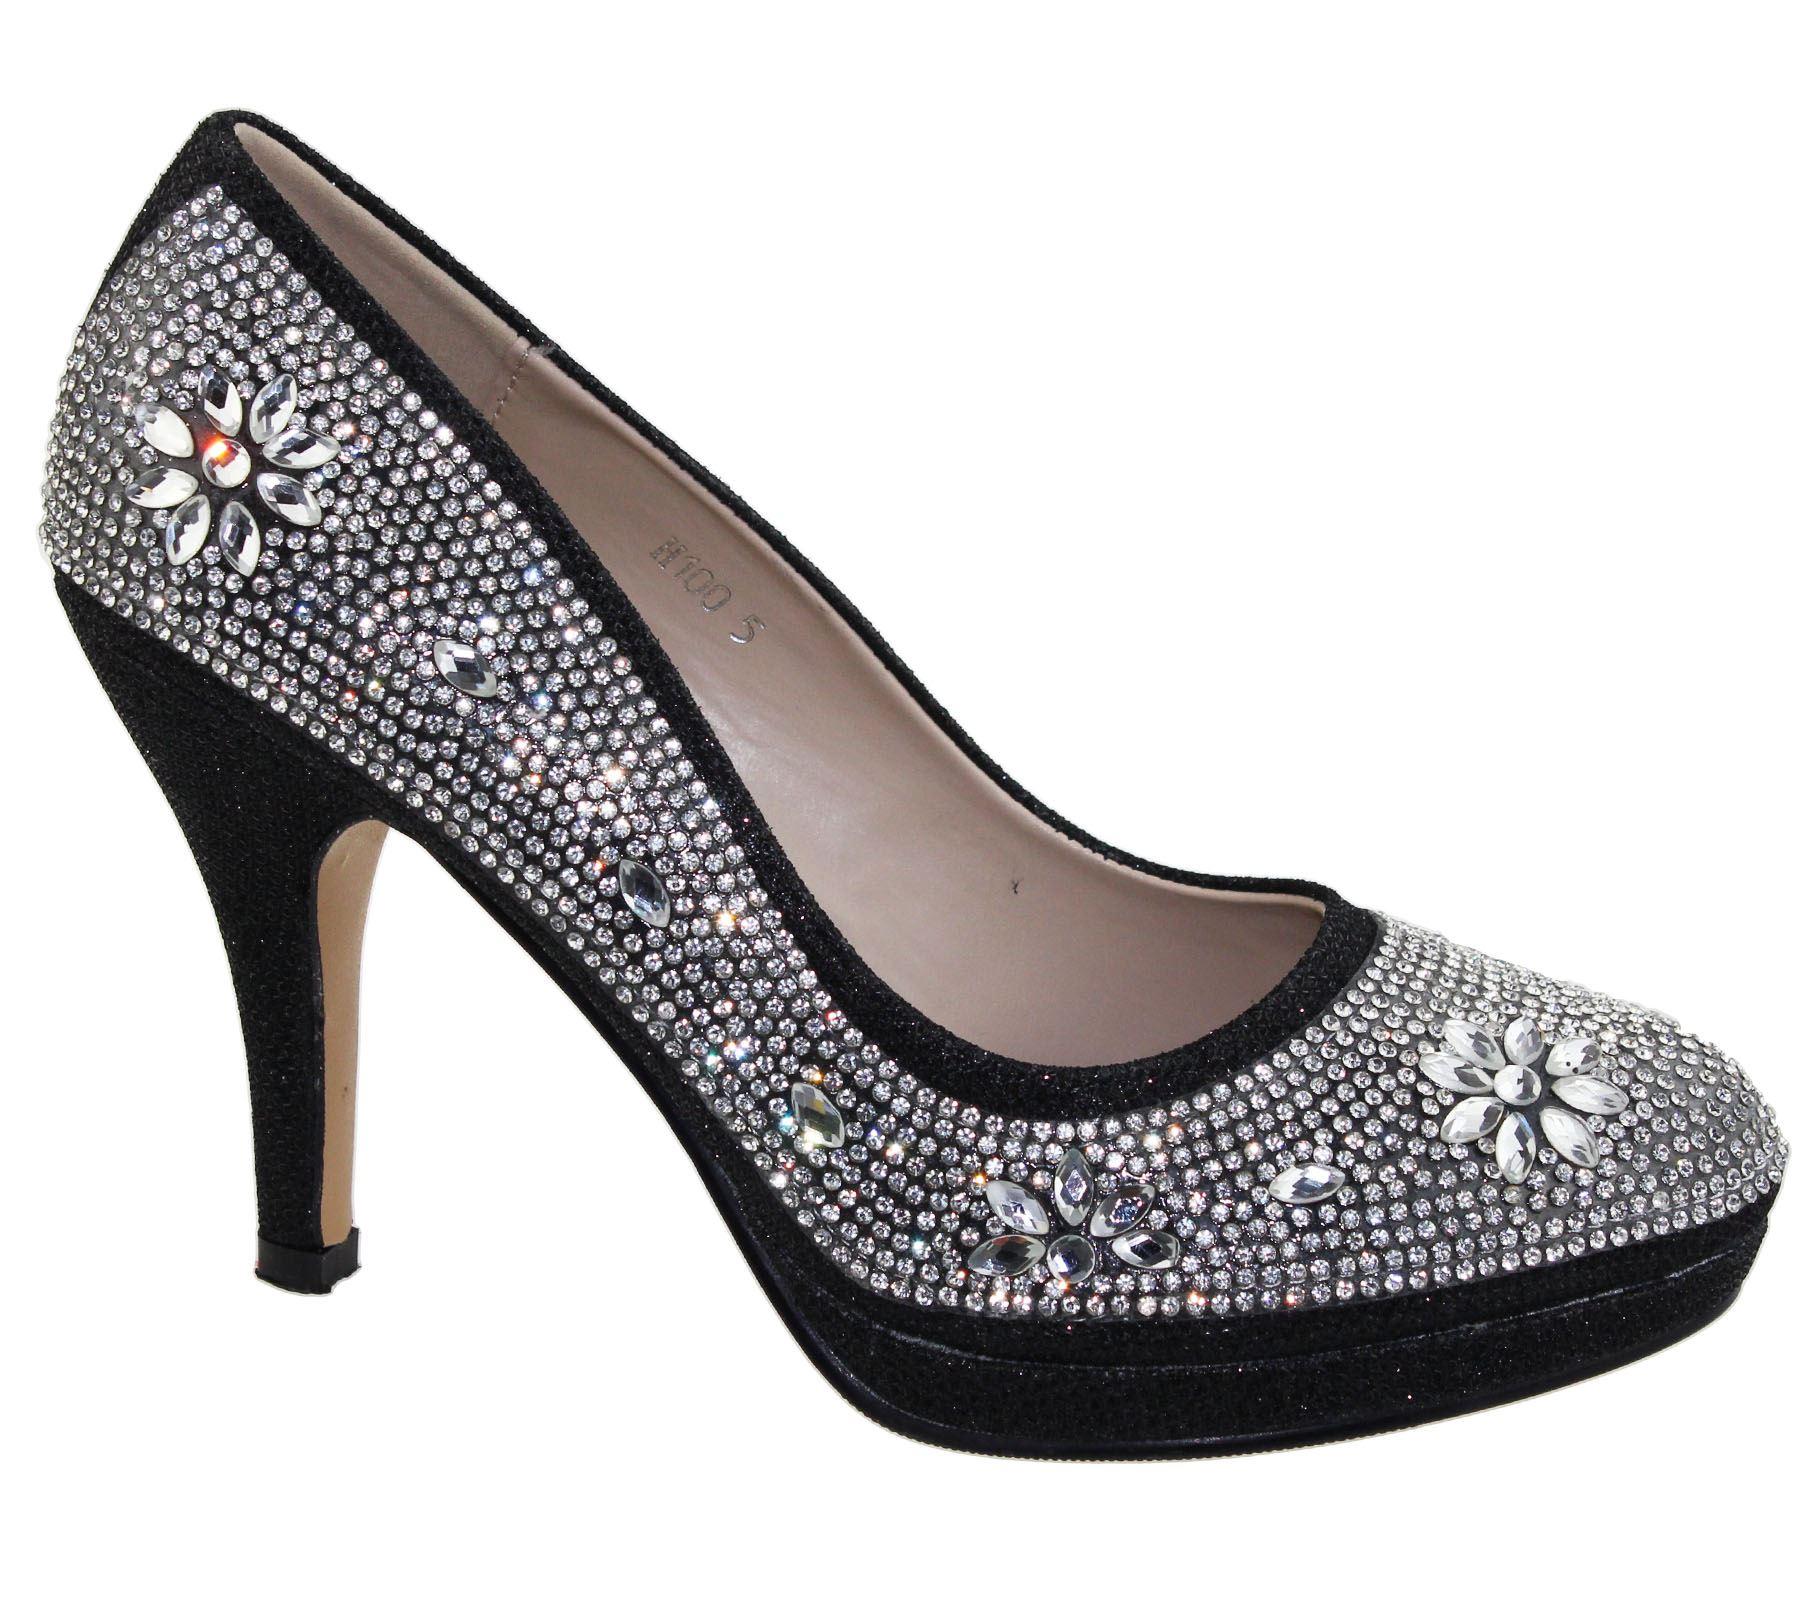 Diamante Platform Wedding Shoes